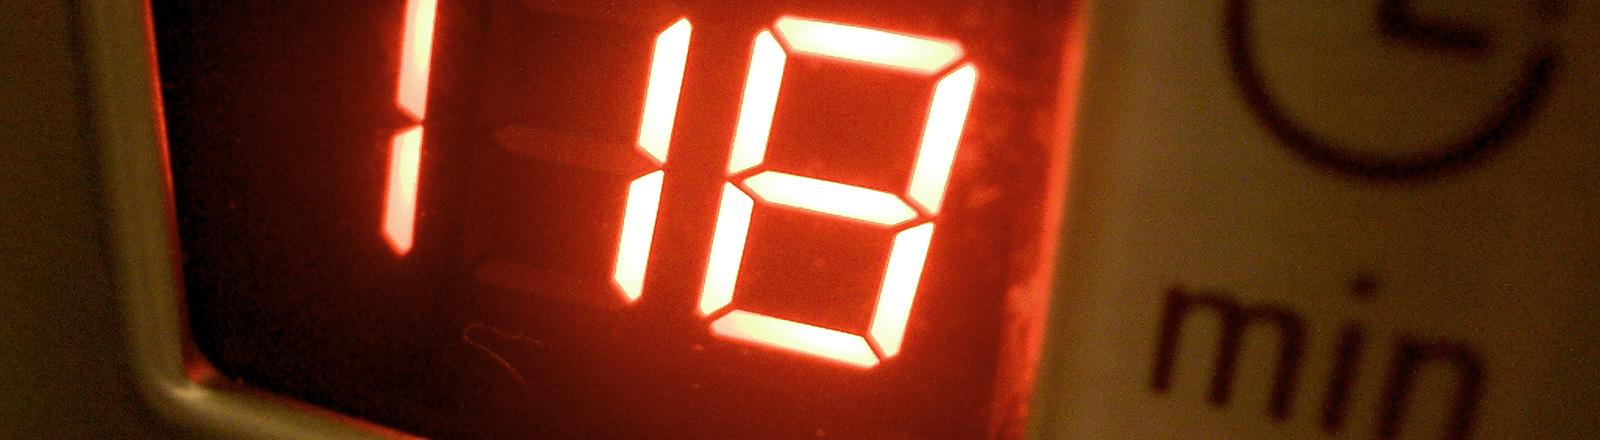 Eine Mikrowelle, die noch 118 Sekunden anzeigt.